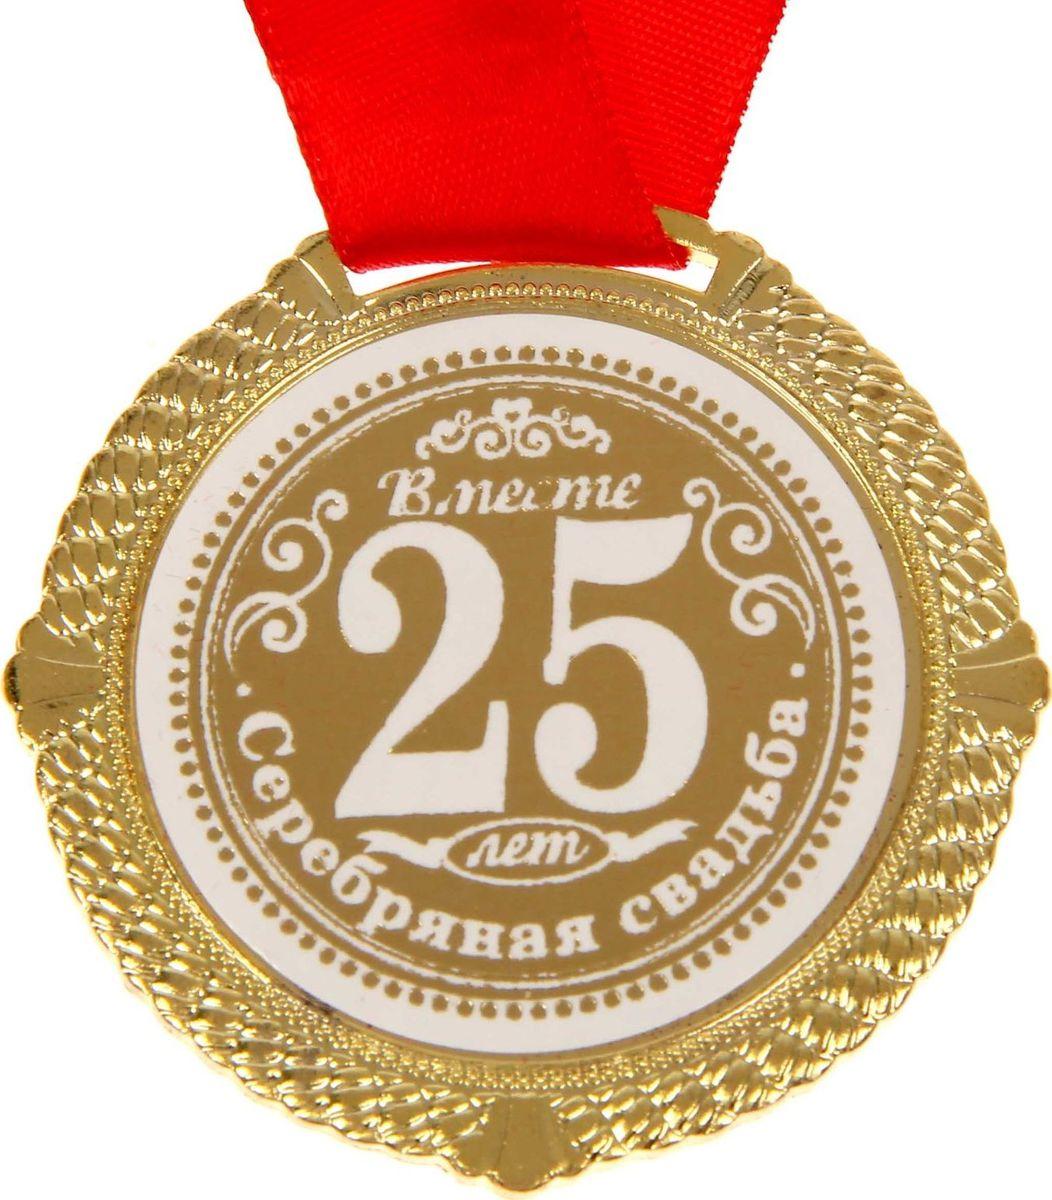 Медаль сувенирная Серебряная свадьба 25 лет вместе, диаметр 5 см1430036Хотите необычно поздравить близких людей с годовщиной свадьбы? Эта медаль в бархатной коробке в форме сердца подчеркнёт всю торжественность данного события. Награда эксклюзивной формы изготовлена из металла золотого цвета и дополнена надписью на металлическом шильде. А чтобы вы сразу смогли надеть медаль на получателя, в комплект входит лента. Радуйте и удивляйте близких людей оригинальными презентами, которые останутся с ними на долгие годы!